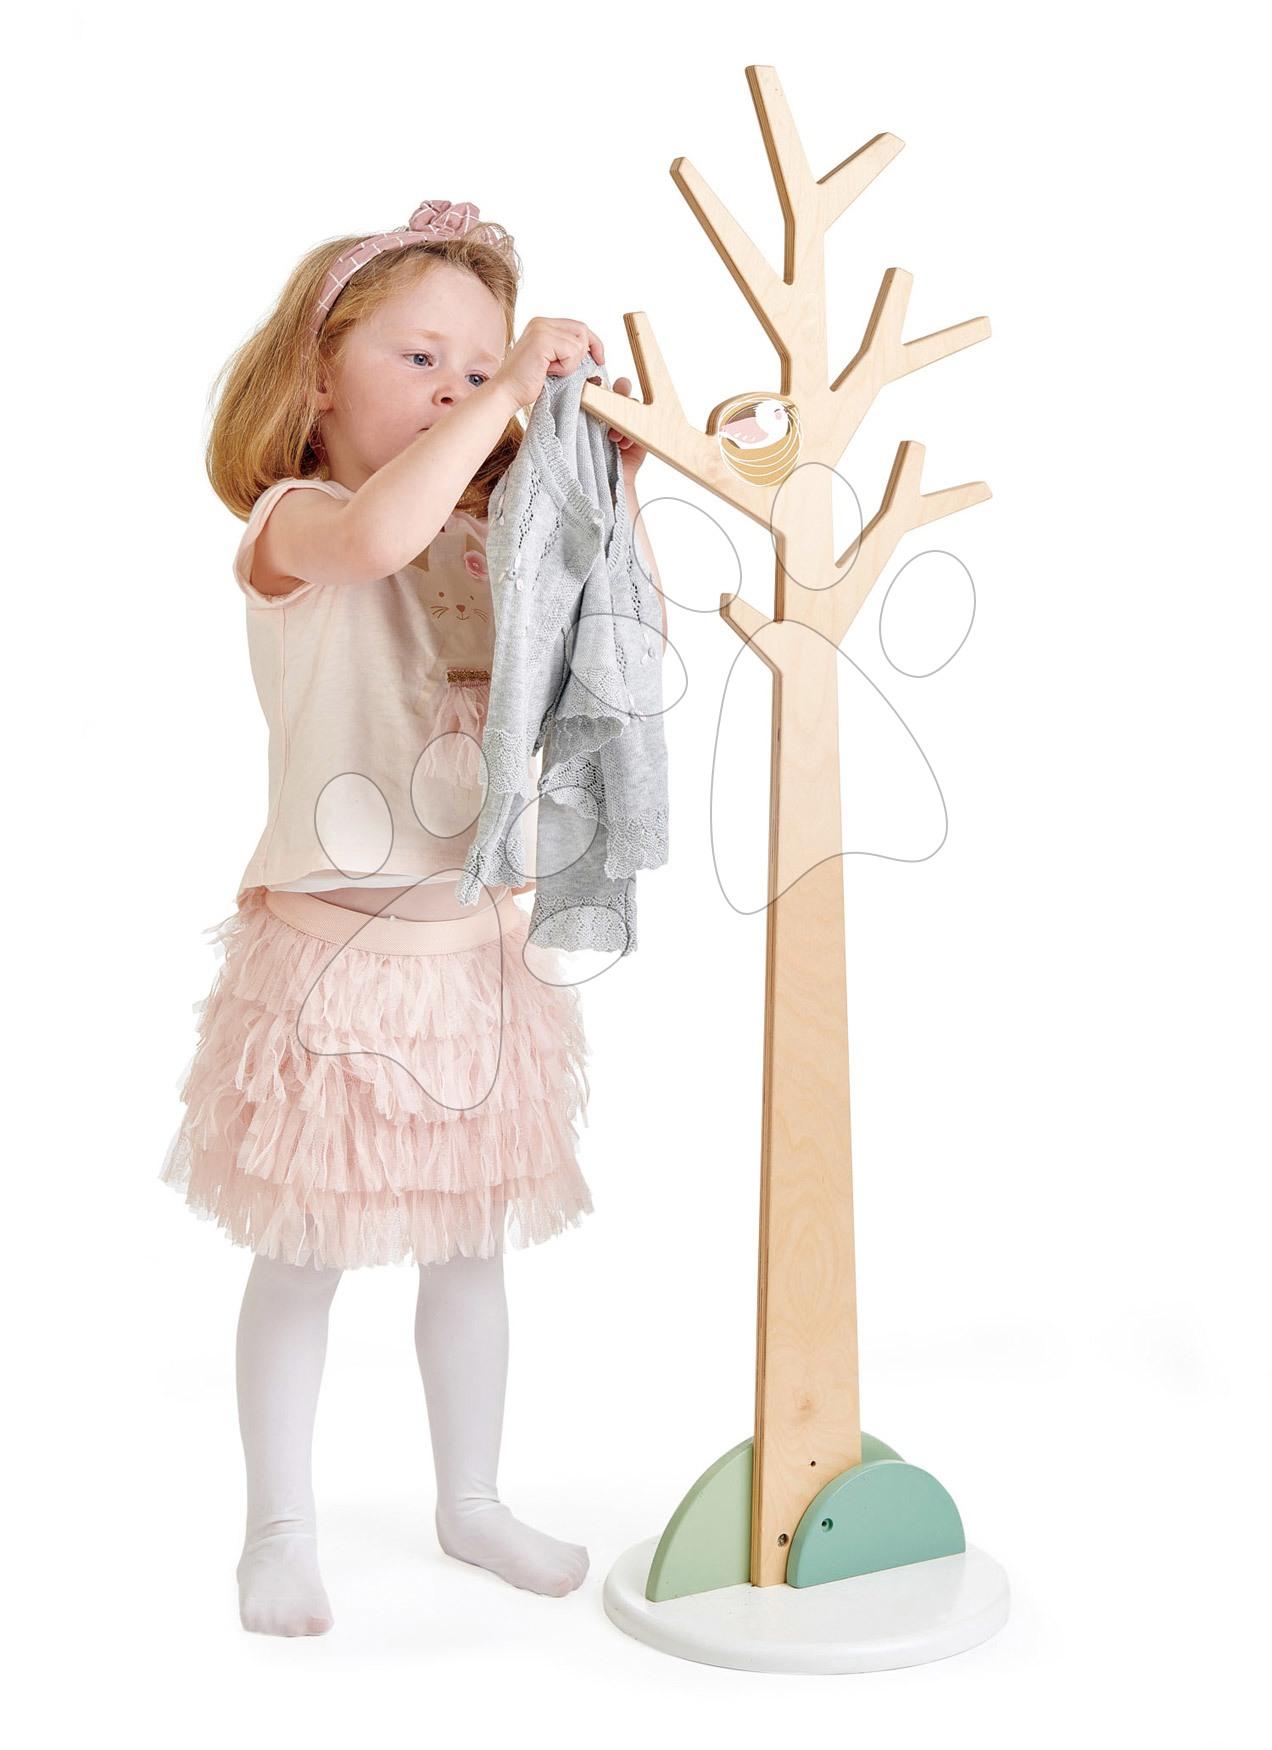 Dřevěný věšák strom s větvemi Forest Coat Stand Tender Leaf Toys s ptačím hnízdem